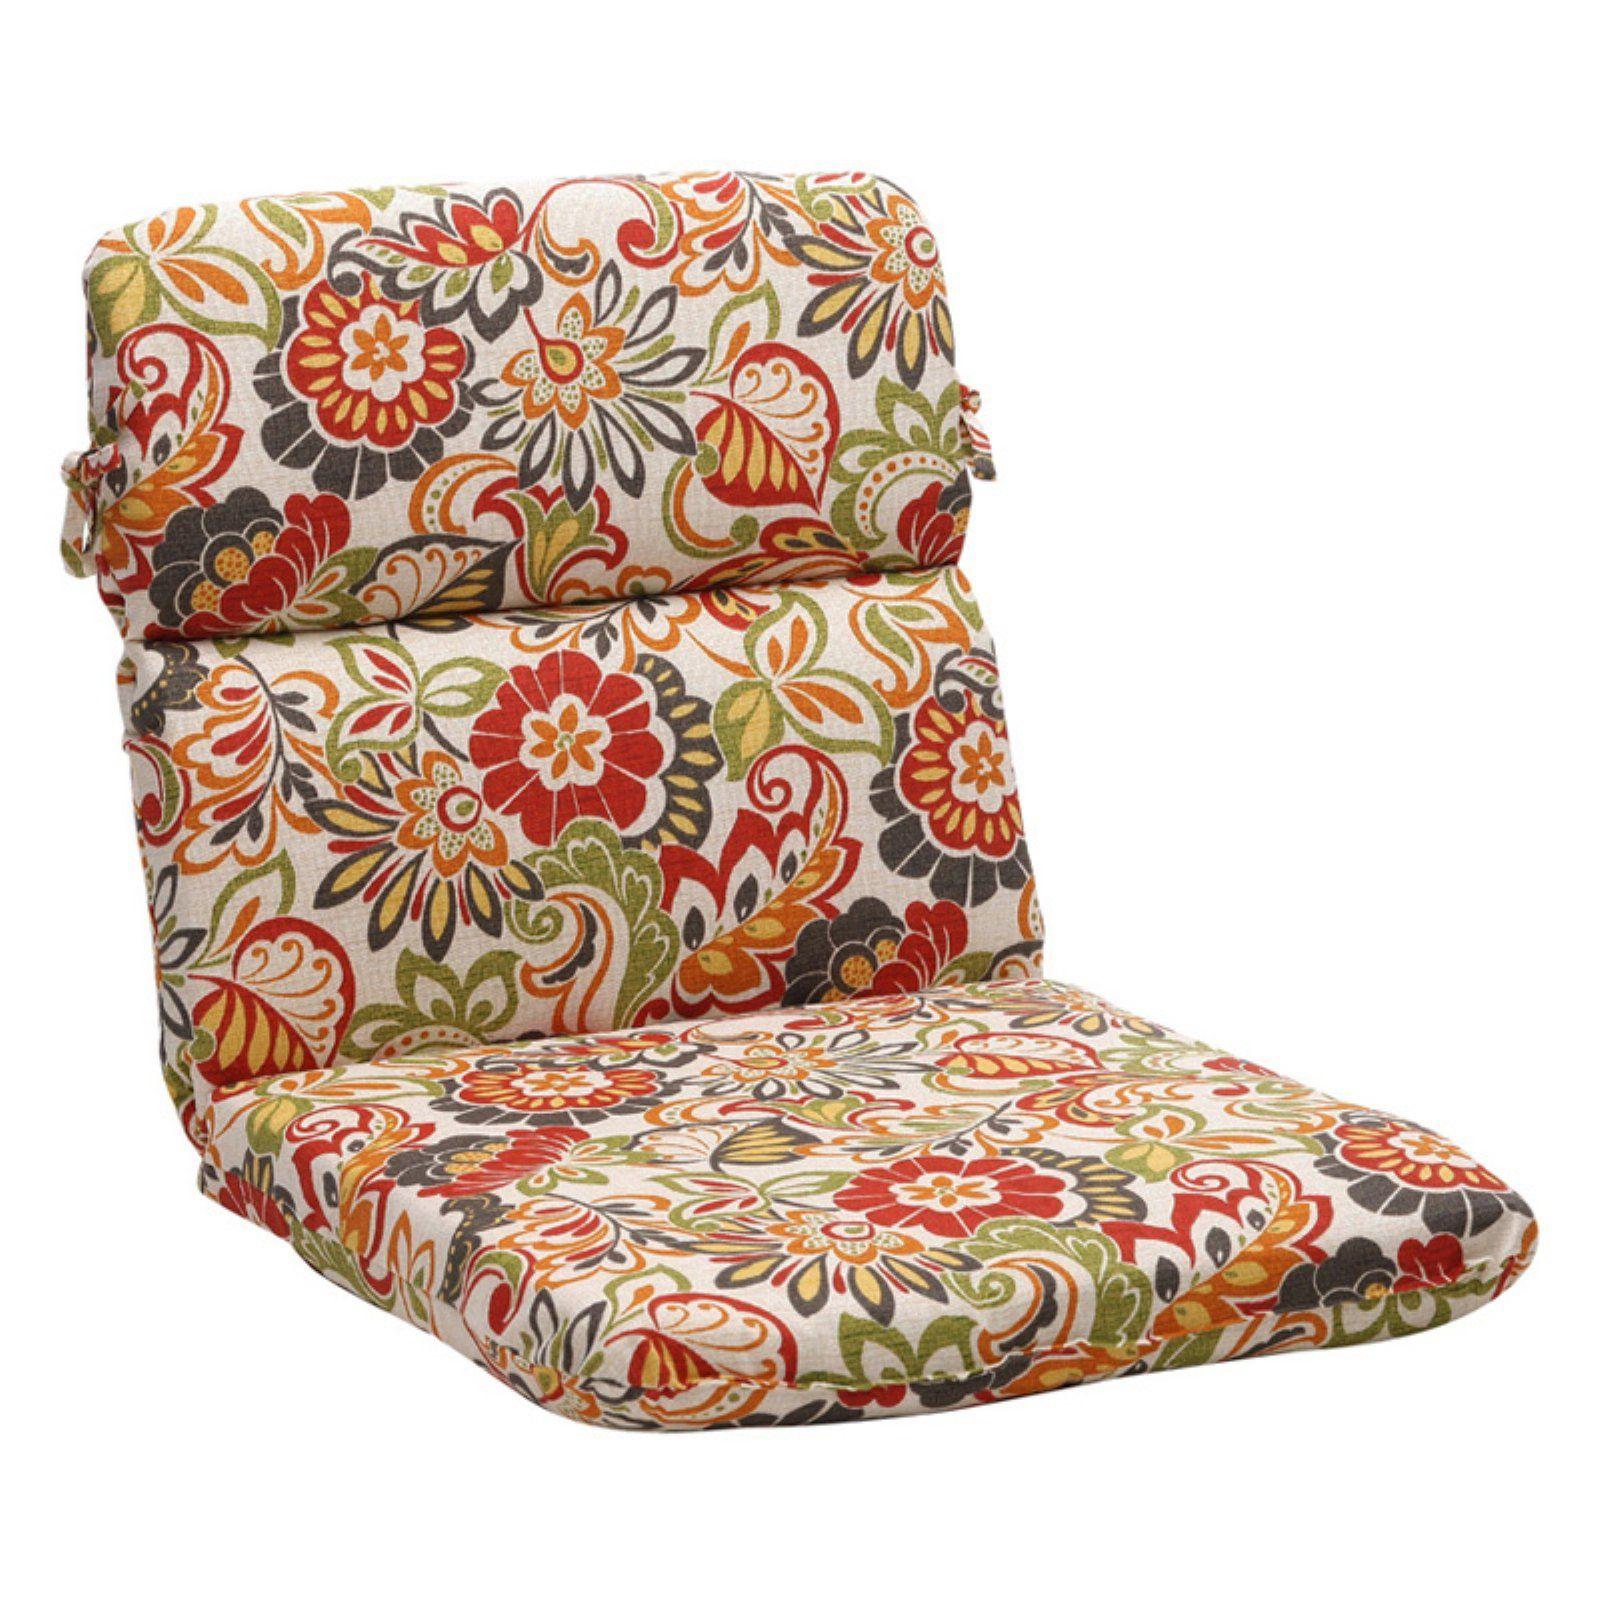 Outdoor Fl Chair Cushion